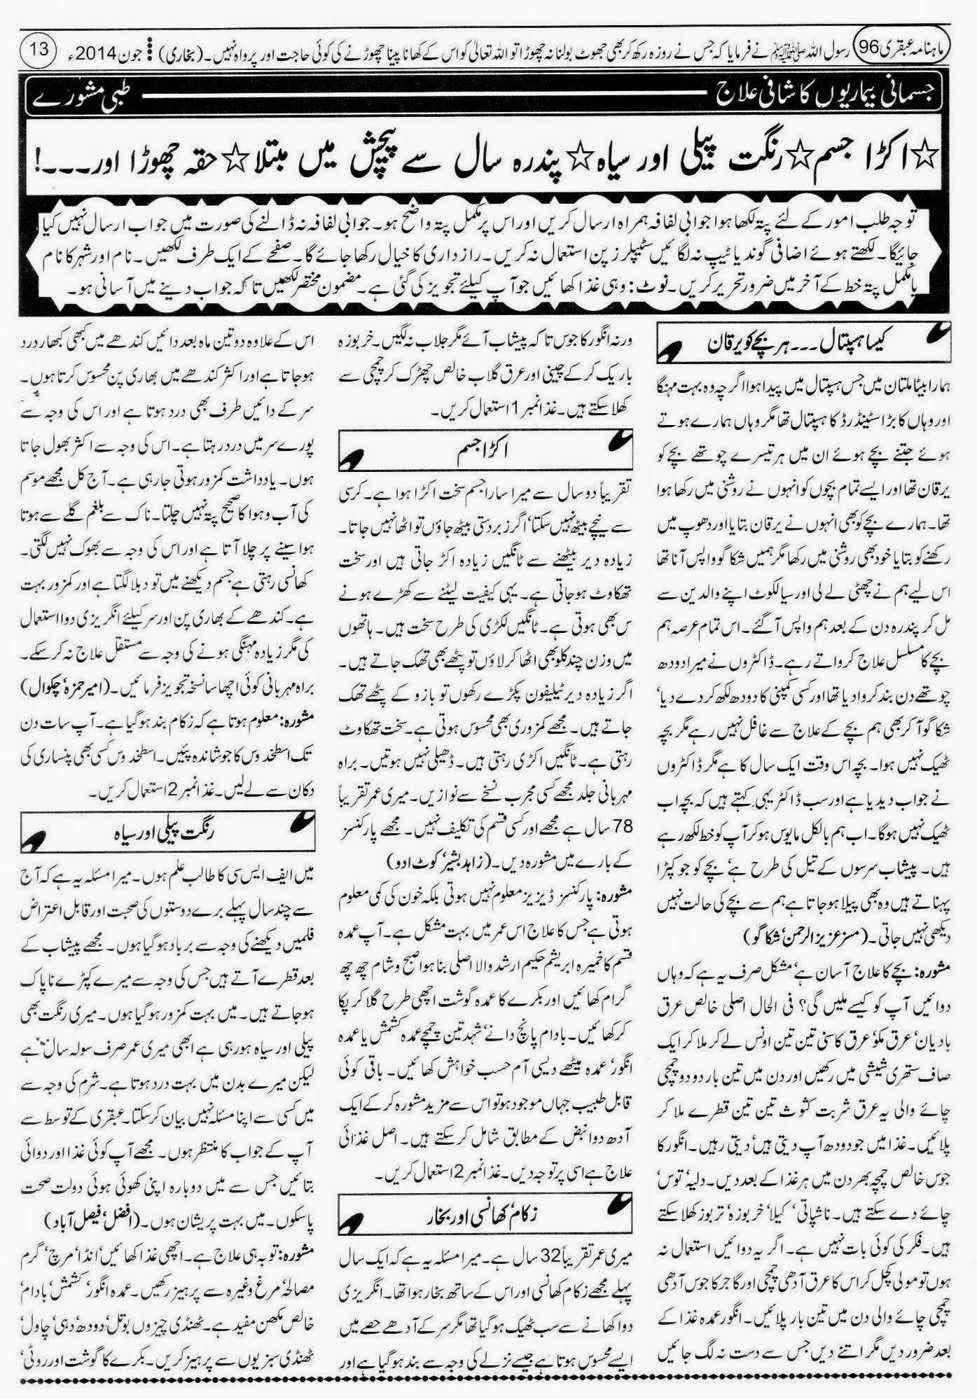 ubqari june 2014 page 13